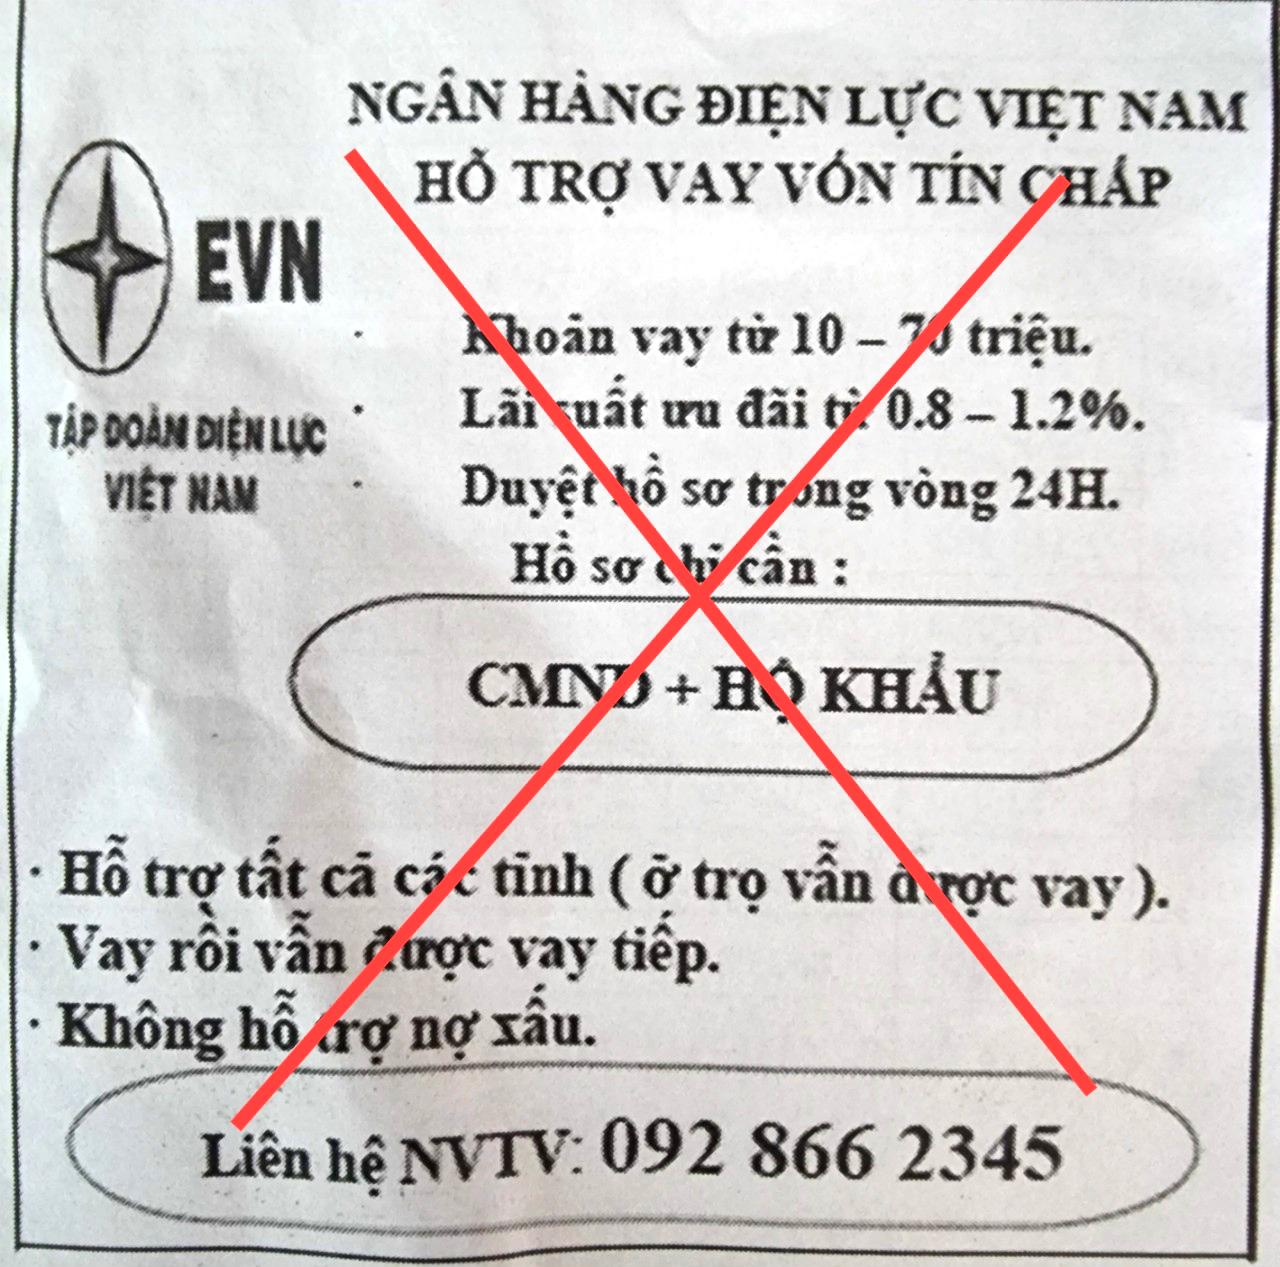 Giả mạo thương hiệu EVN để quảng cáo cho vay tín chấp